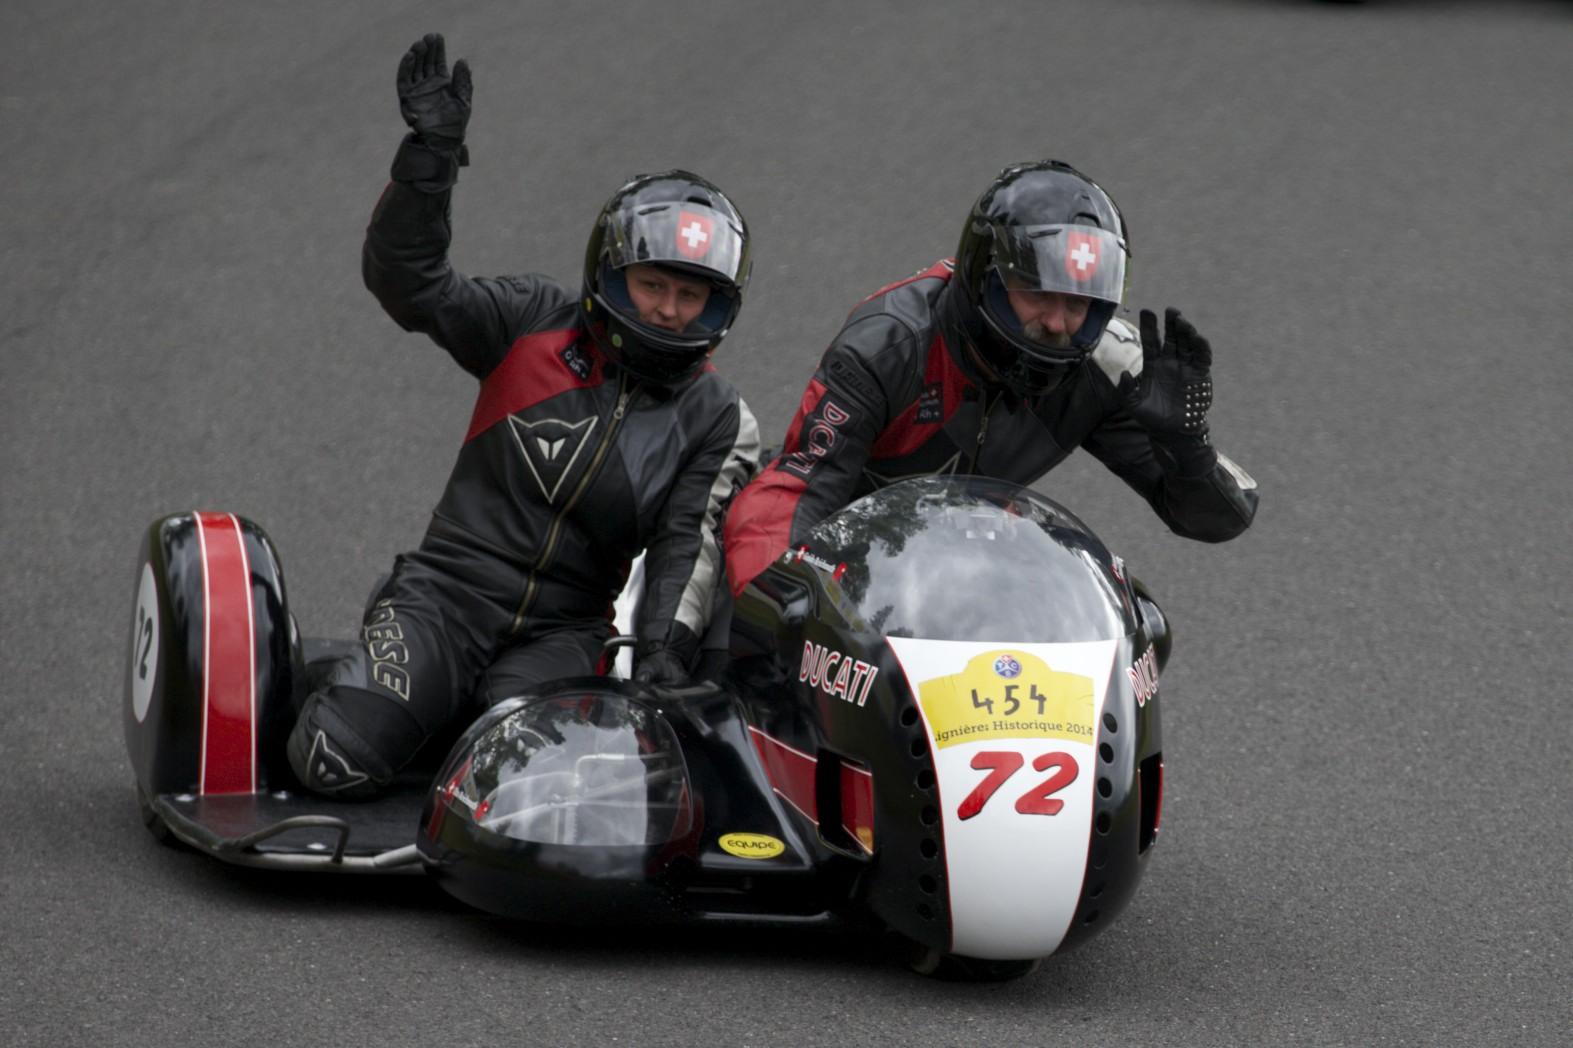 Lignières Historique 2014 Ducati Kneeler